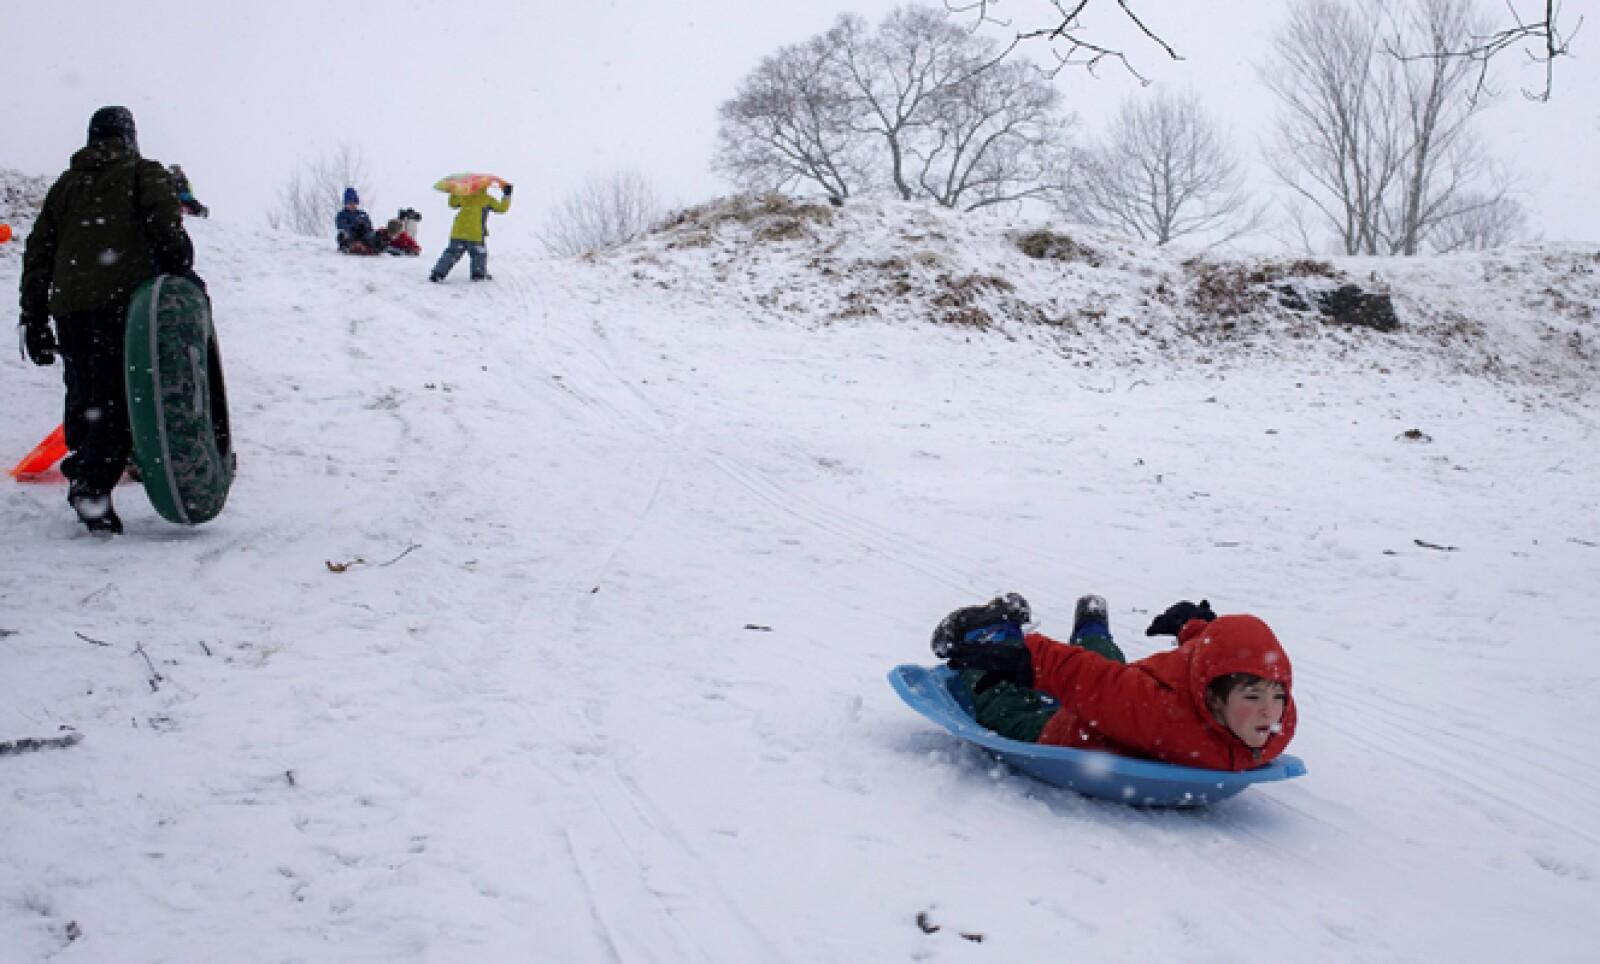 Reportes meteorológicos indican que esta podría ser la peor tormenta de nieve hasta ahora registrada. Un niño se desliza por una colina en Nueva York.